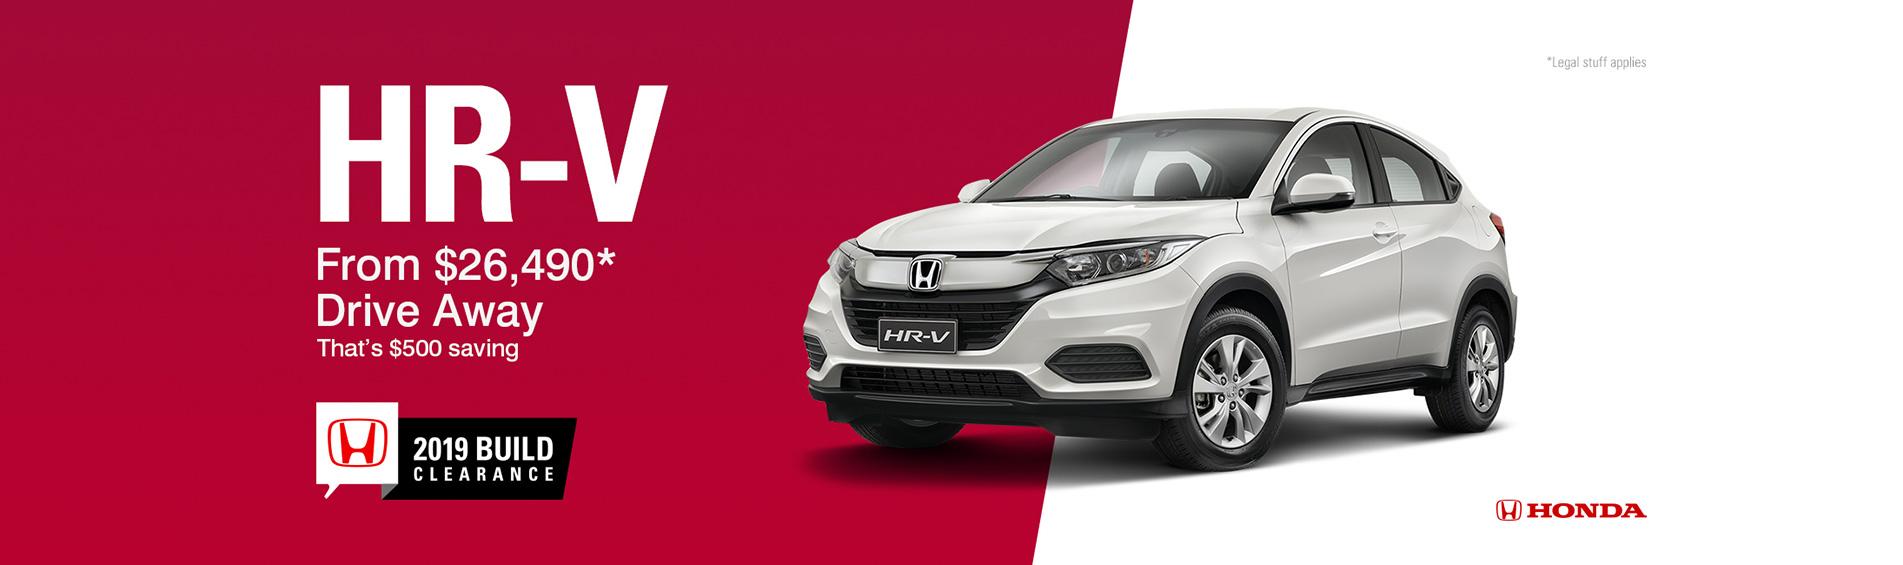 Honda Queensland - HR-V Special